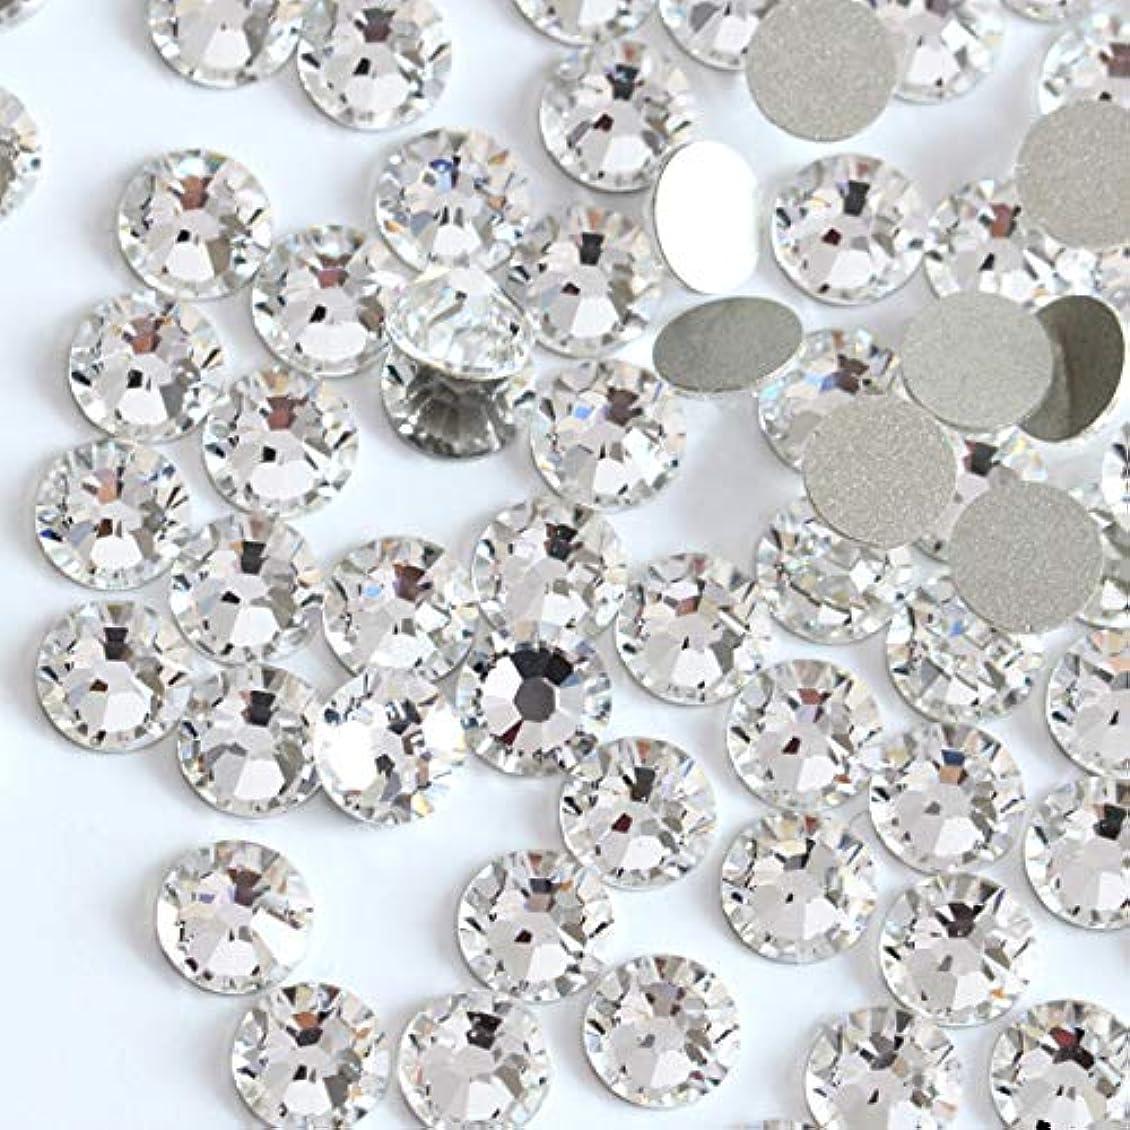 透過性調整辞書【ラインストーン77】高品質ガラス製ラインストーン クリスタル SS3(1.3mm)約1440粒